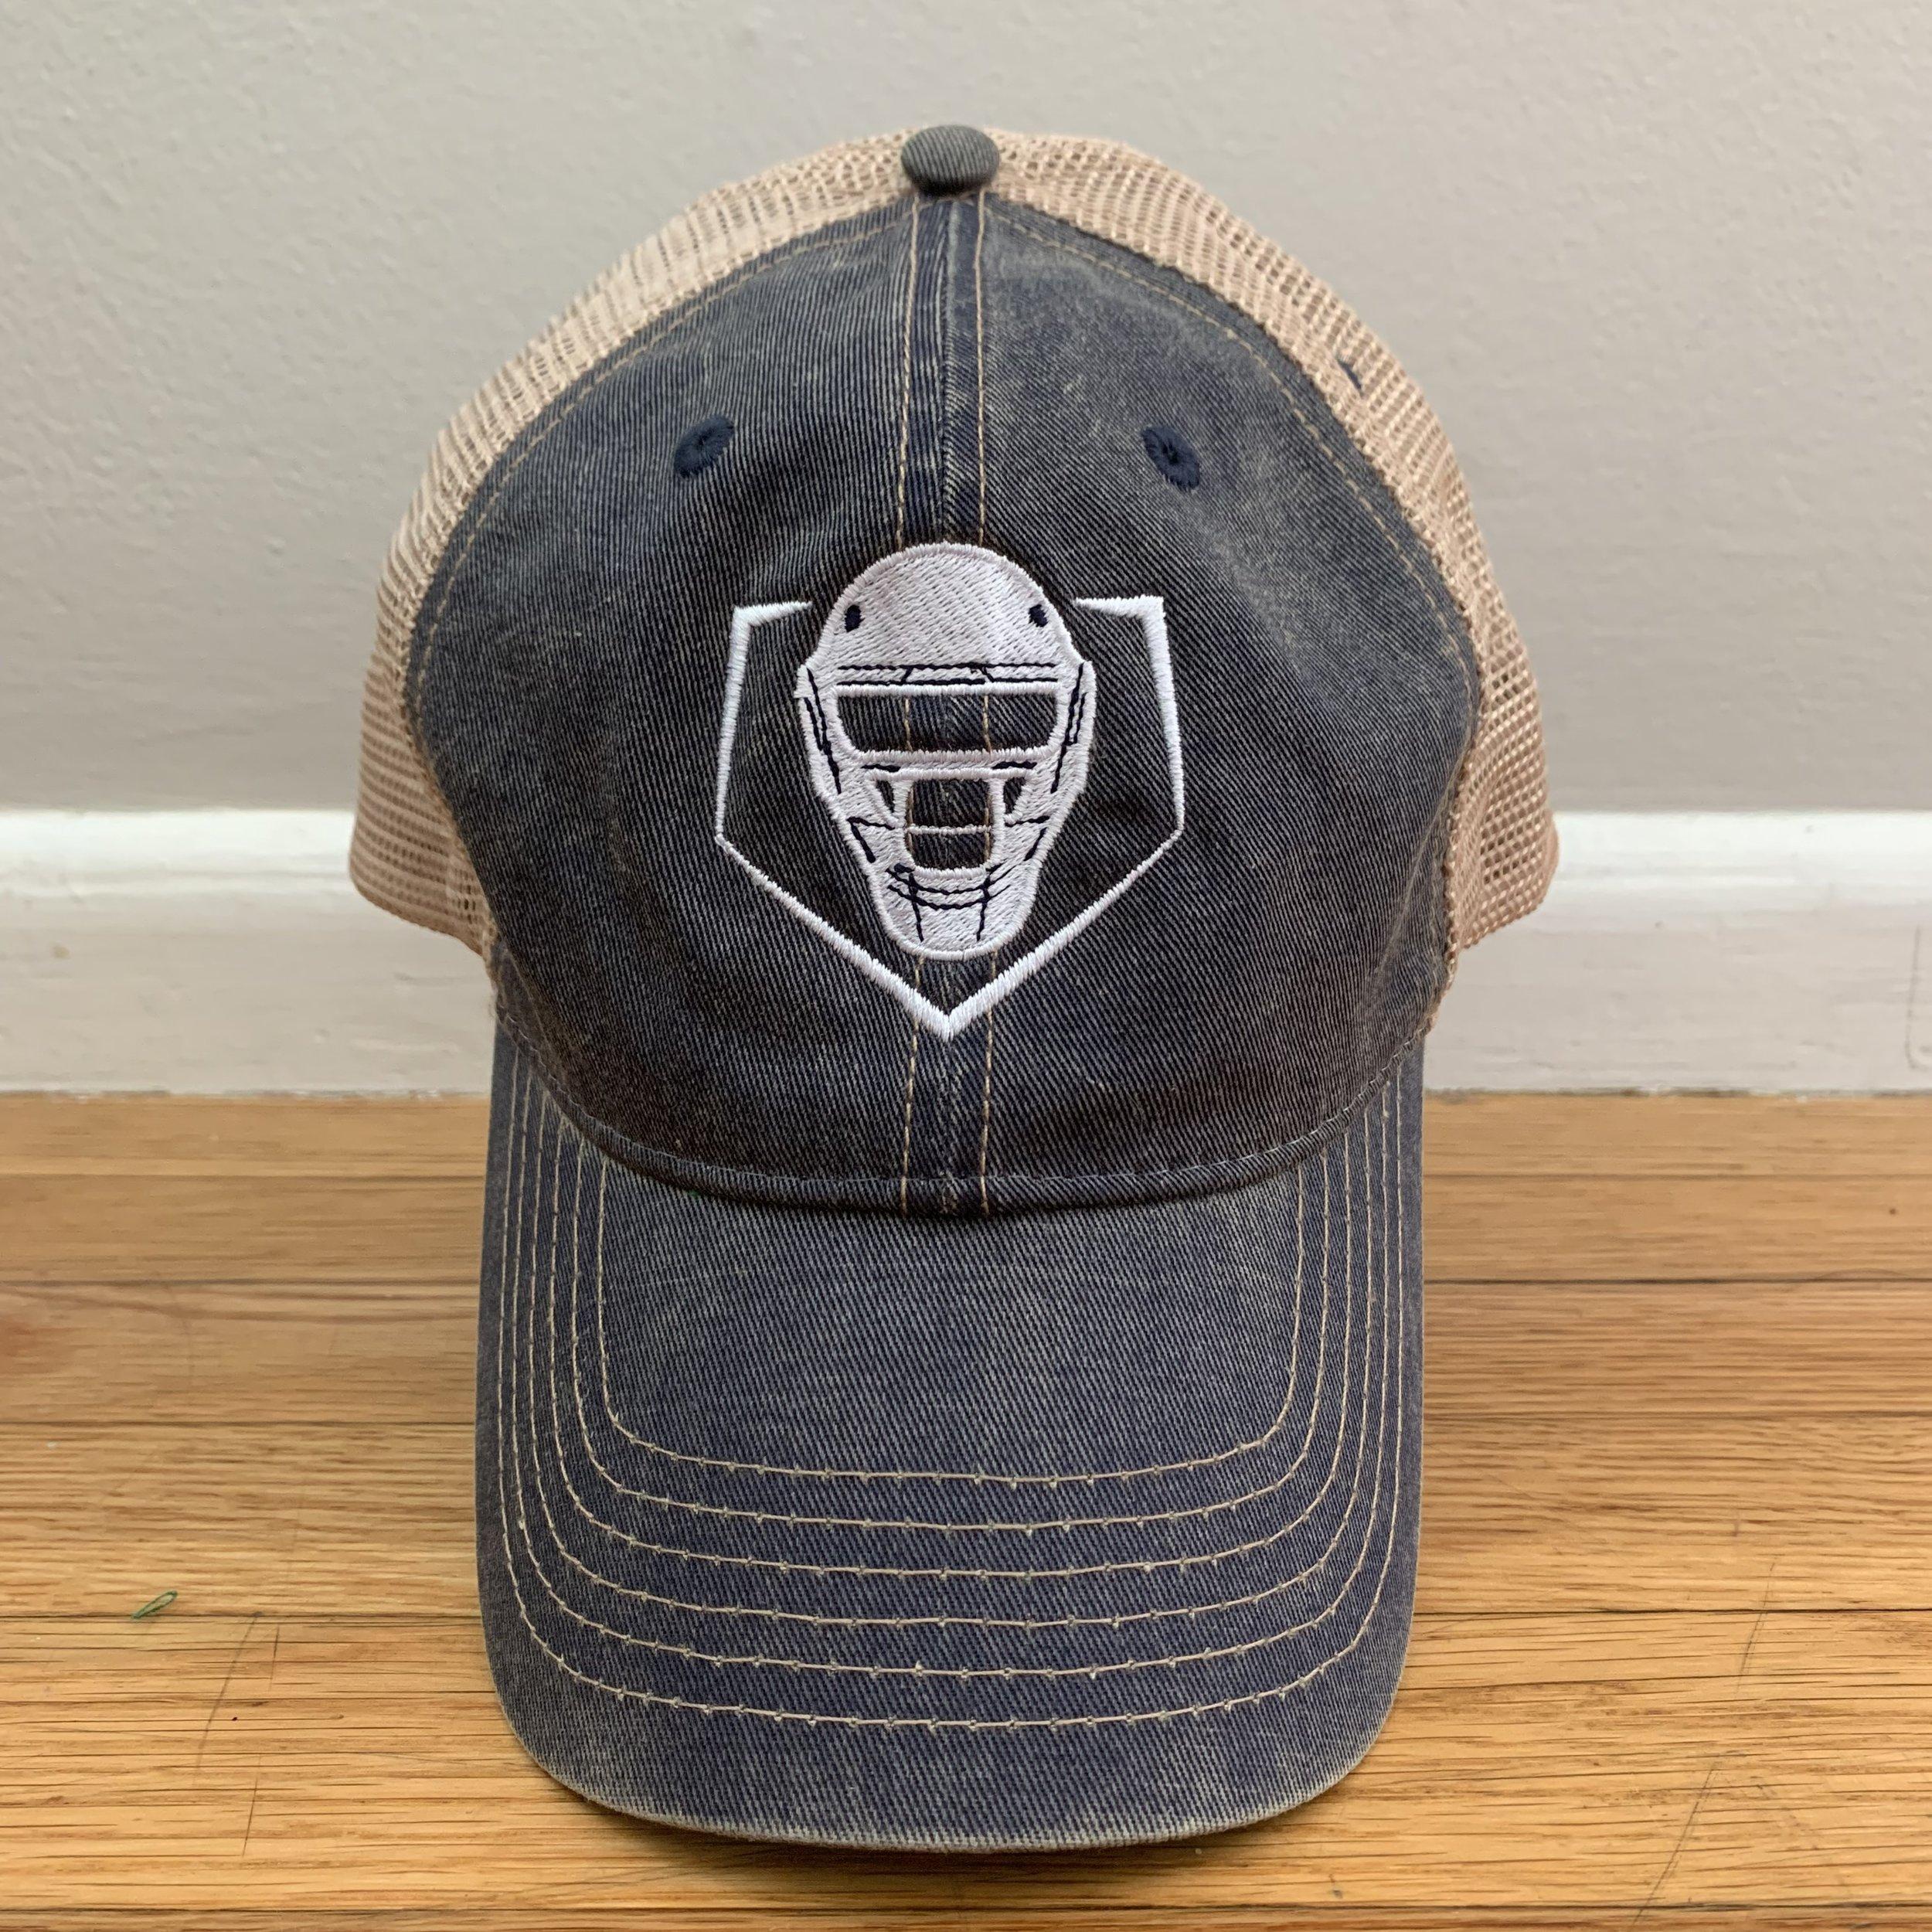 Trucker Mesh Hat w/ Snap Back – Navy/Ivory  $25